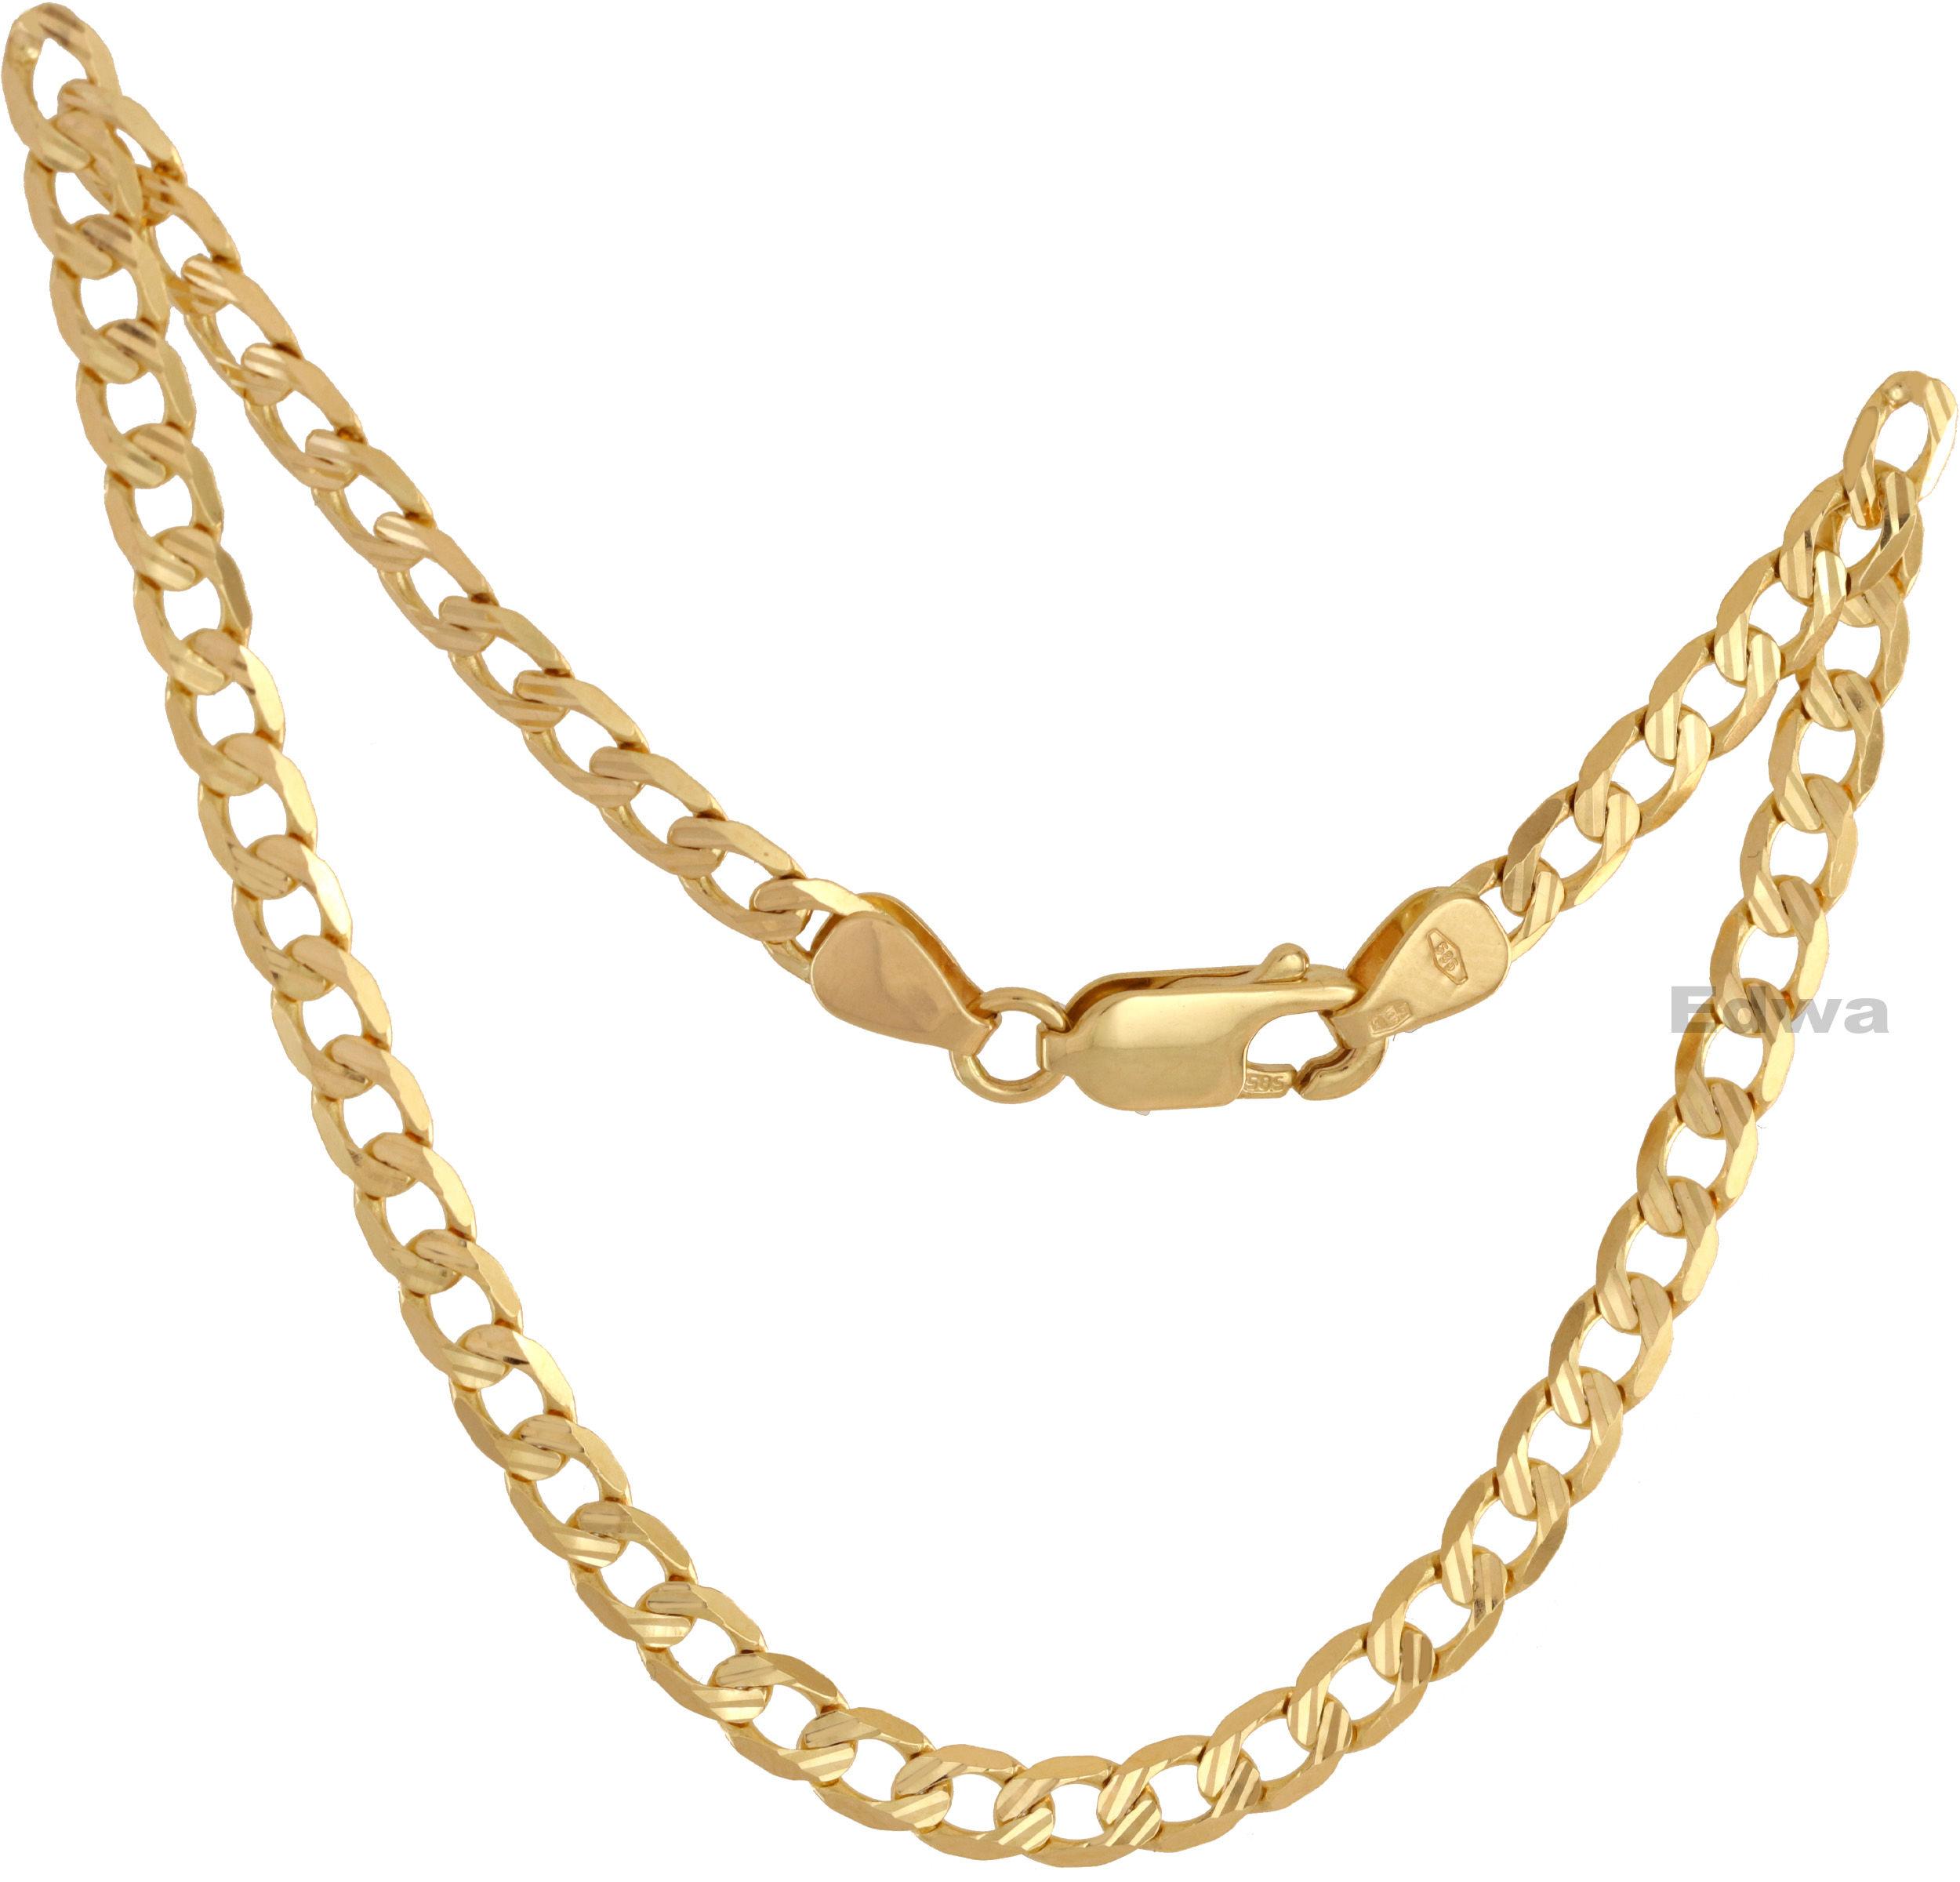 Bransoletka złota pancerka z grawerem pr.585. 21 cm